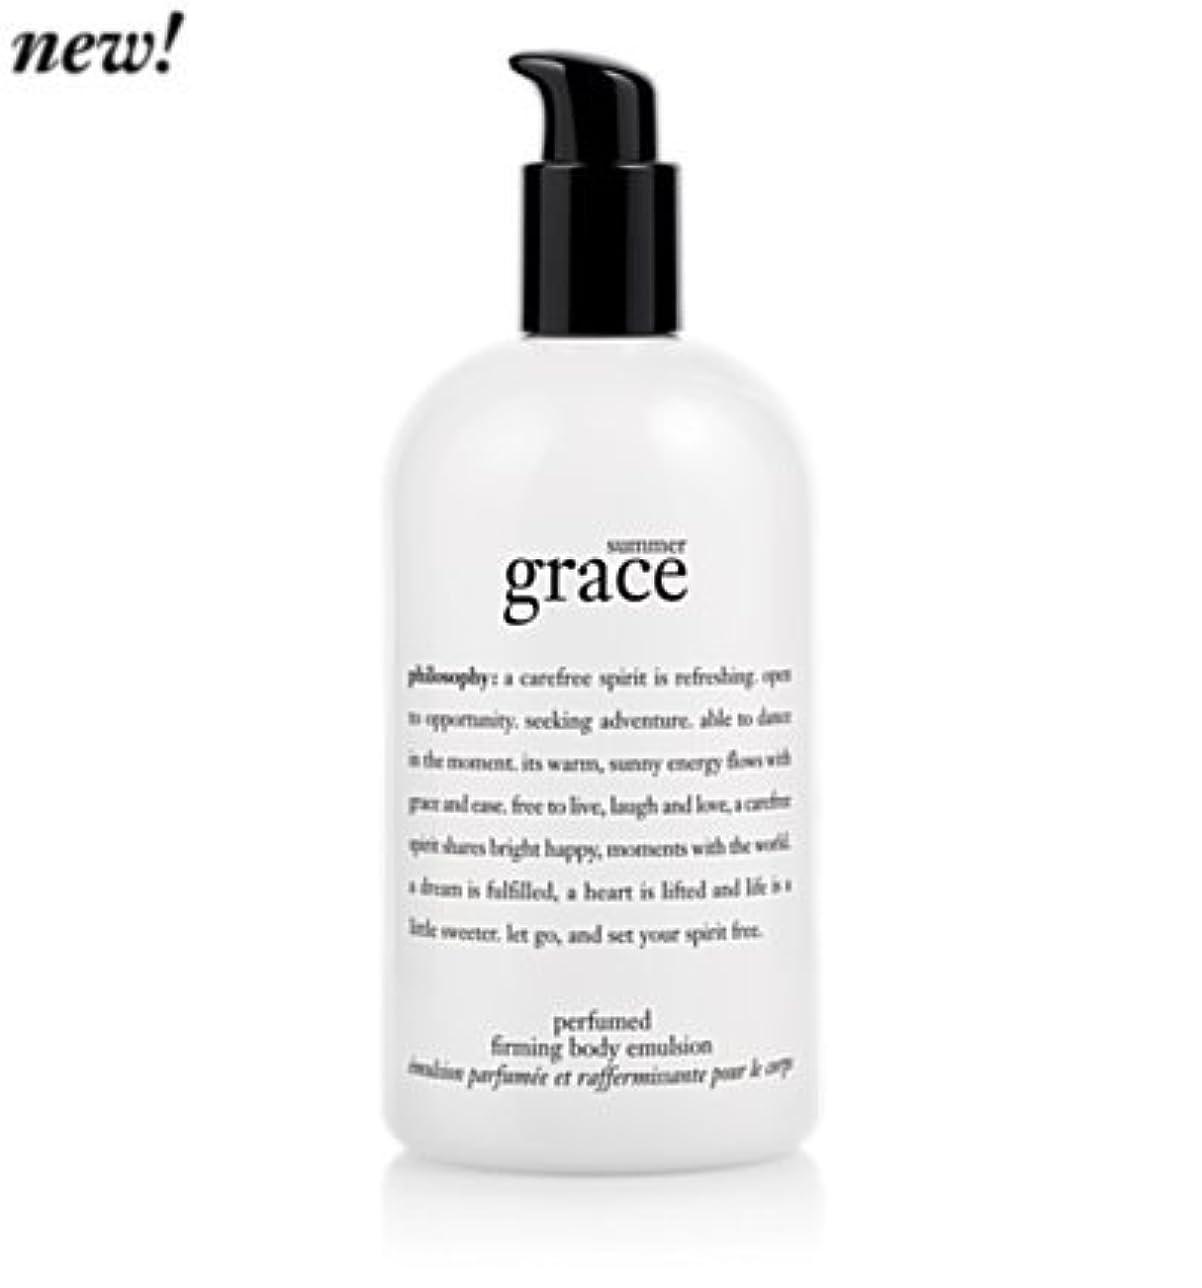 あざジョグ無能'summer grace (サマーグレイス) 16.0 oz (480ml) perfumed firming body emulsion for Women